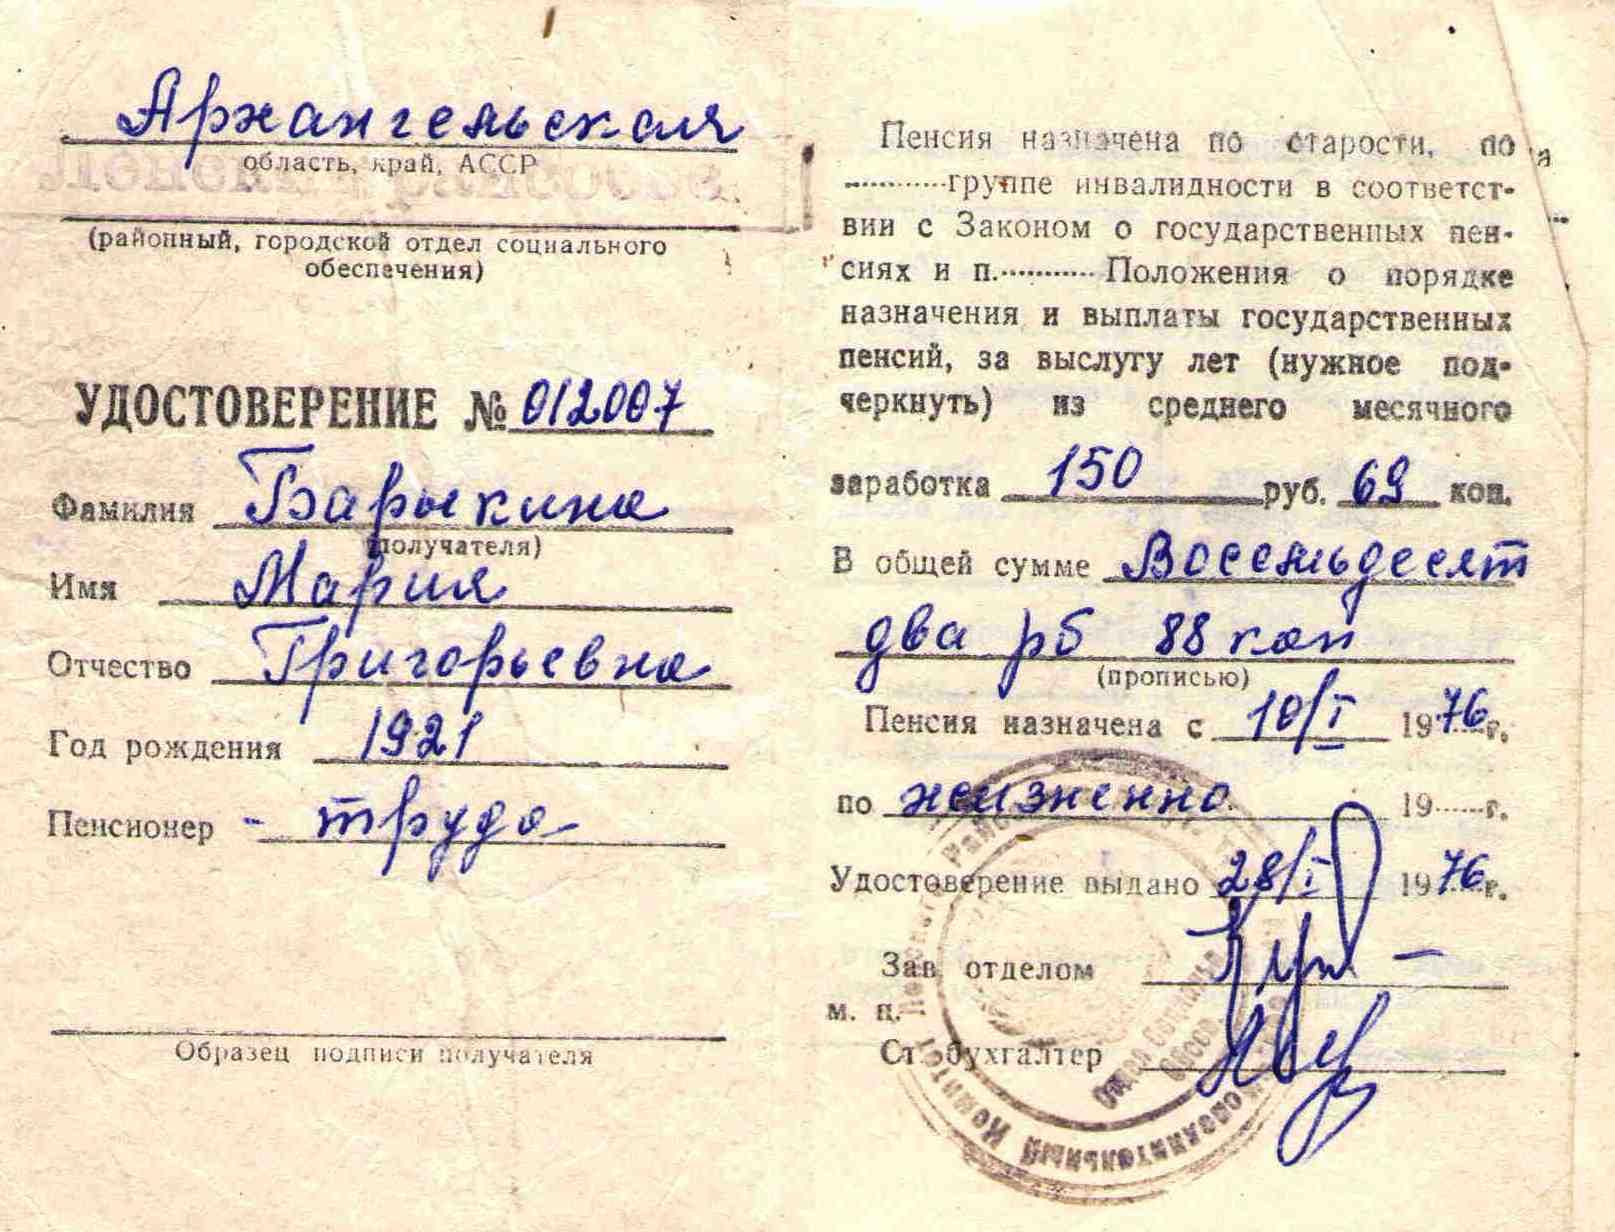 97. Пенсионное удостоверение, Барыкина МГ, 1976